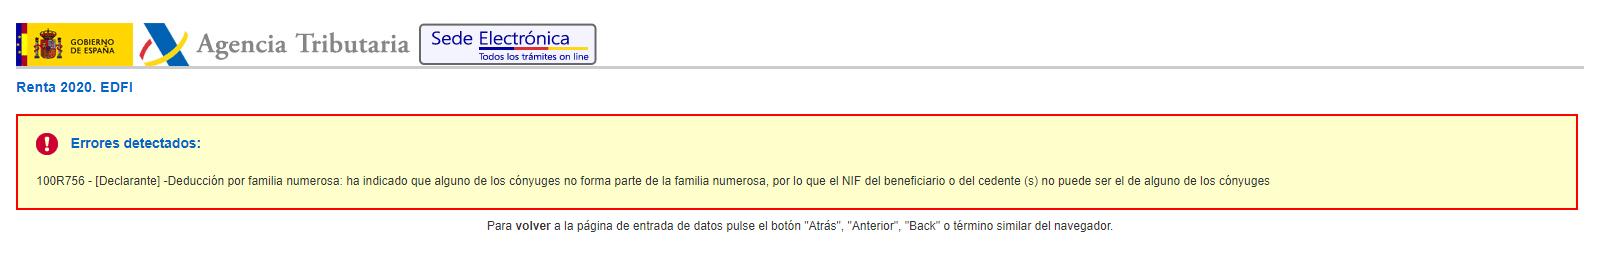 100R756 - [Declarante] -Deducción por familia numerosa: ha indicado que alguno de los cónyuges no forma parte de la familia numerosa, por lo que el NIF del beneficiario o del cedente (s) no puede ser el de alguno de los cónyuges